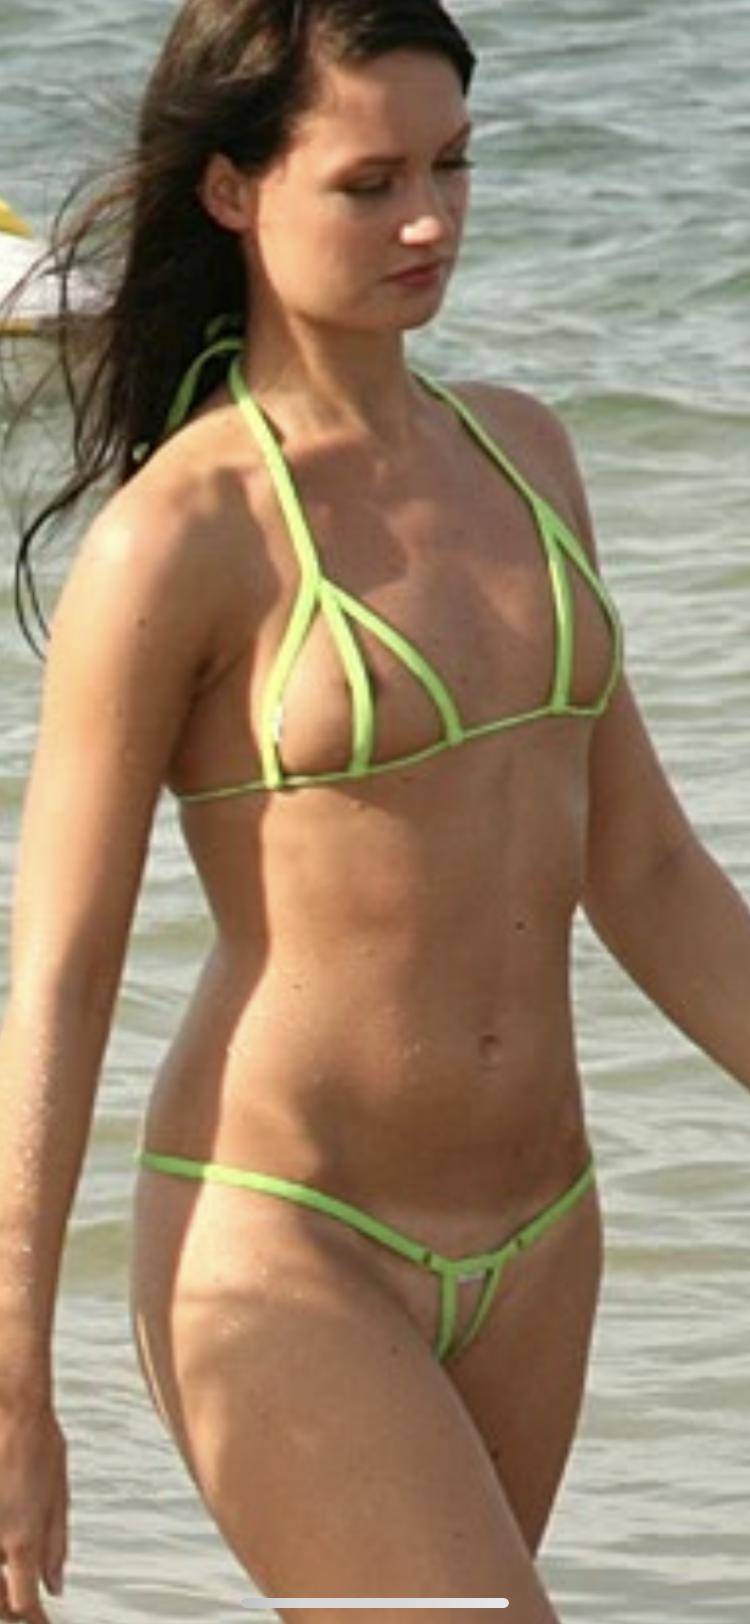 Mini Bikini Photo